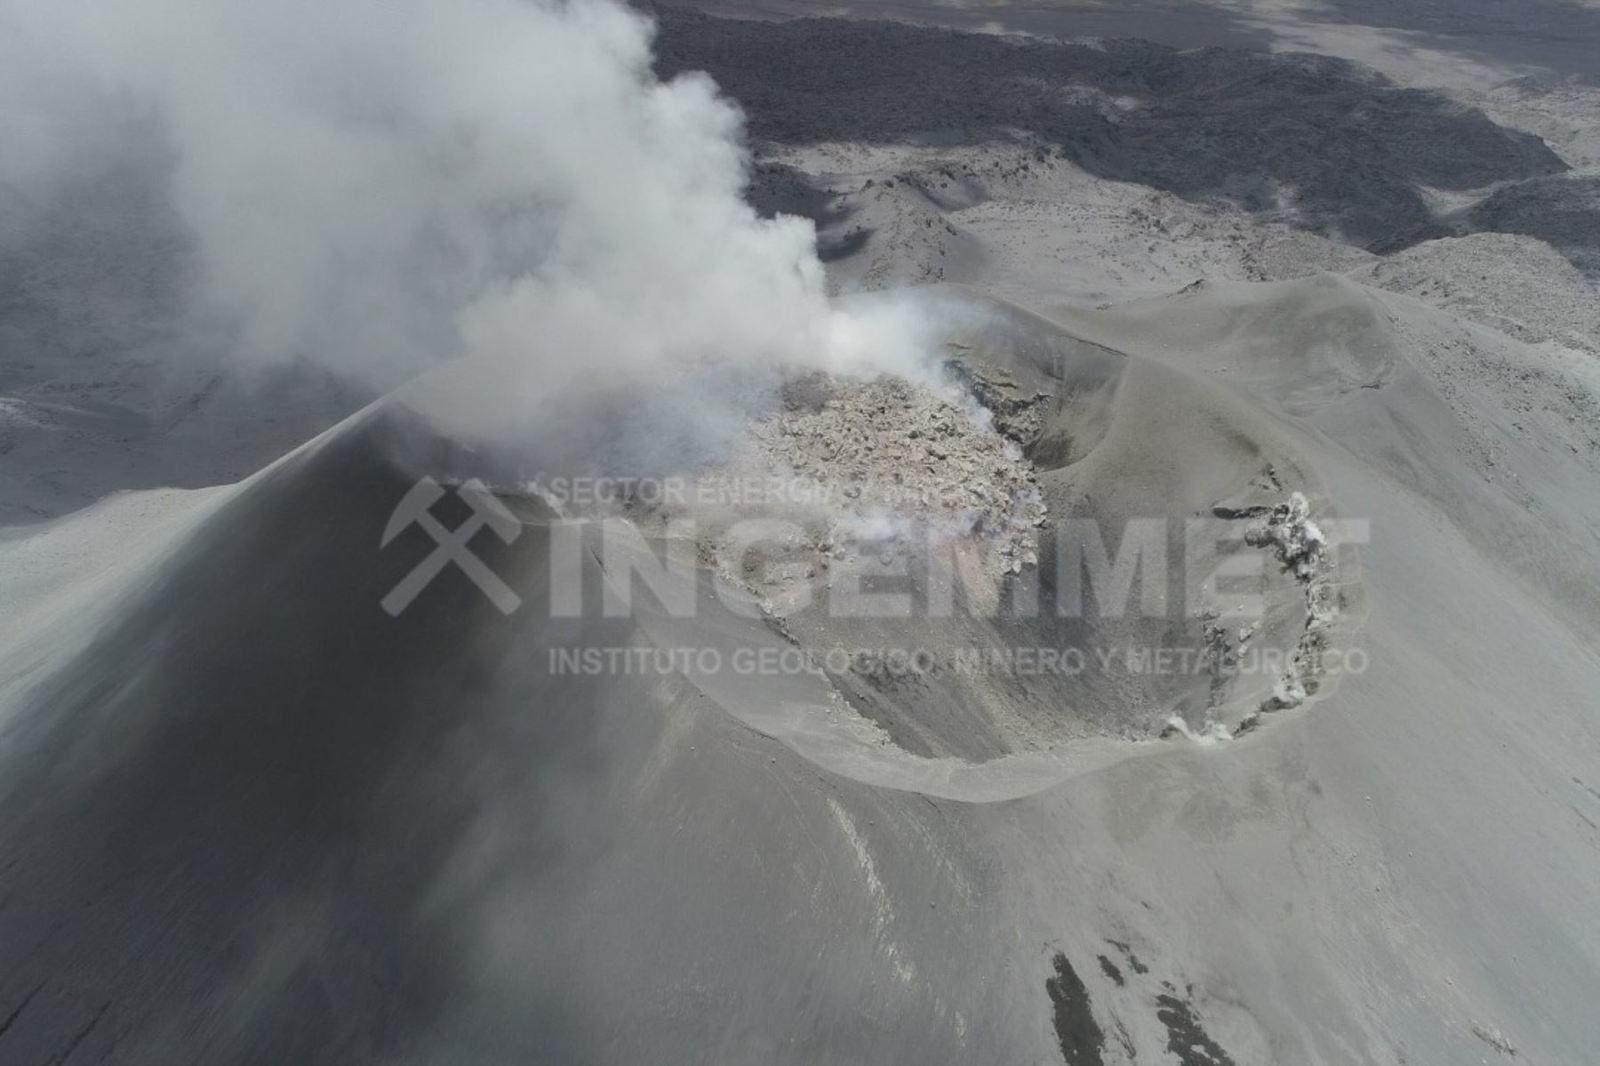 Sabancaya - le dôme occupe une grande partie du secteur nord du cratère - photo de survol par drone mises en ligne par l'OVI le 28.10.2019